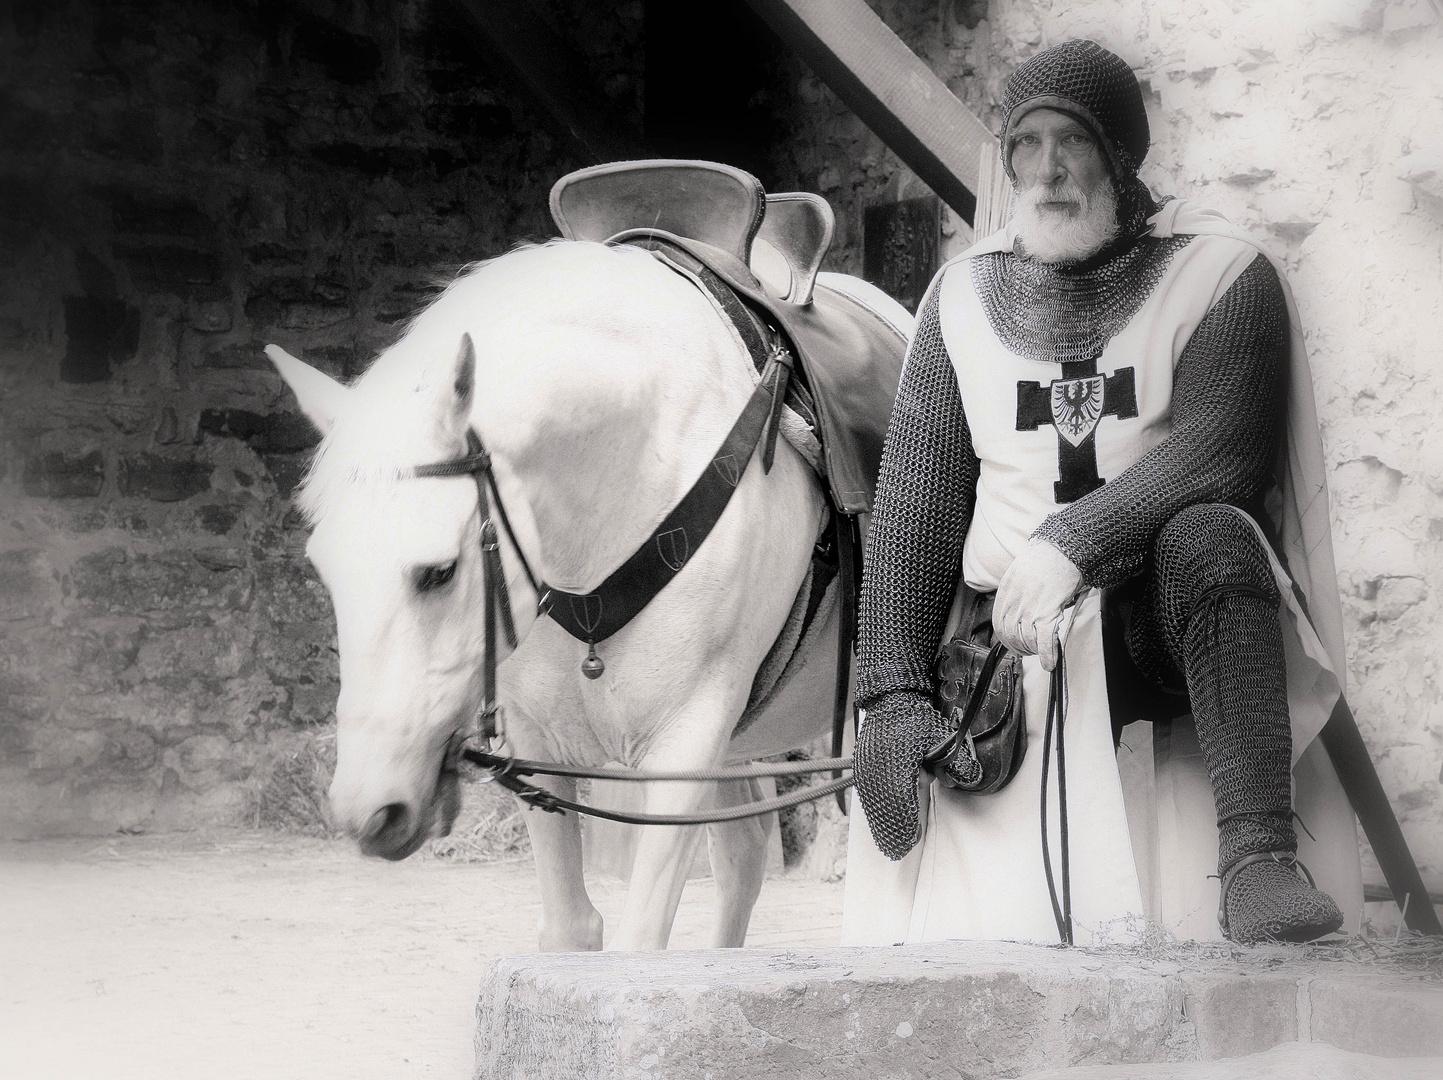 Ein edler Ritter in Bad Wimpfen